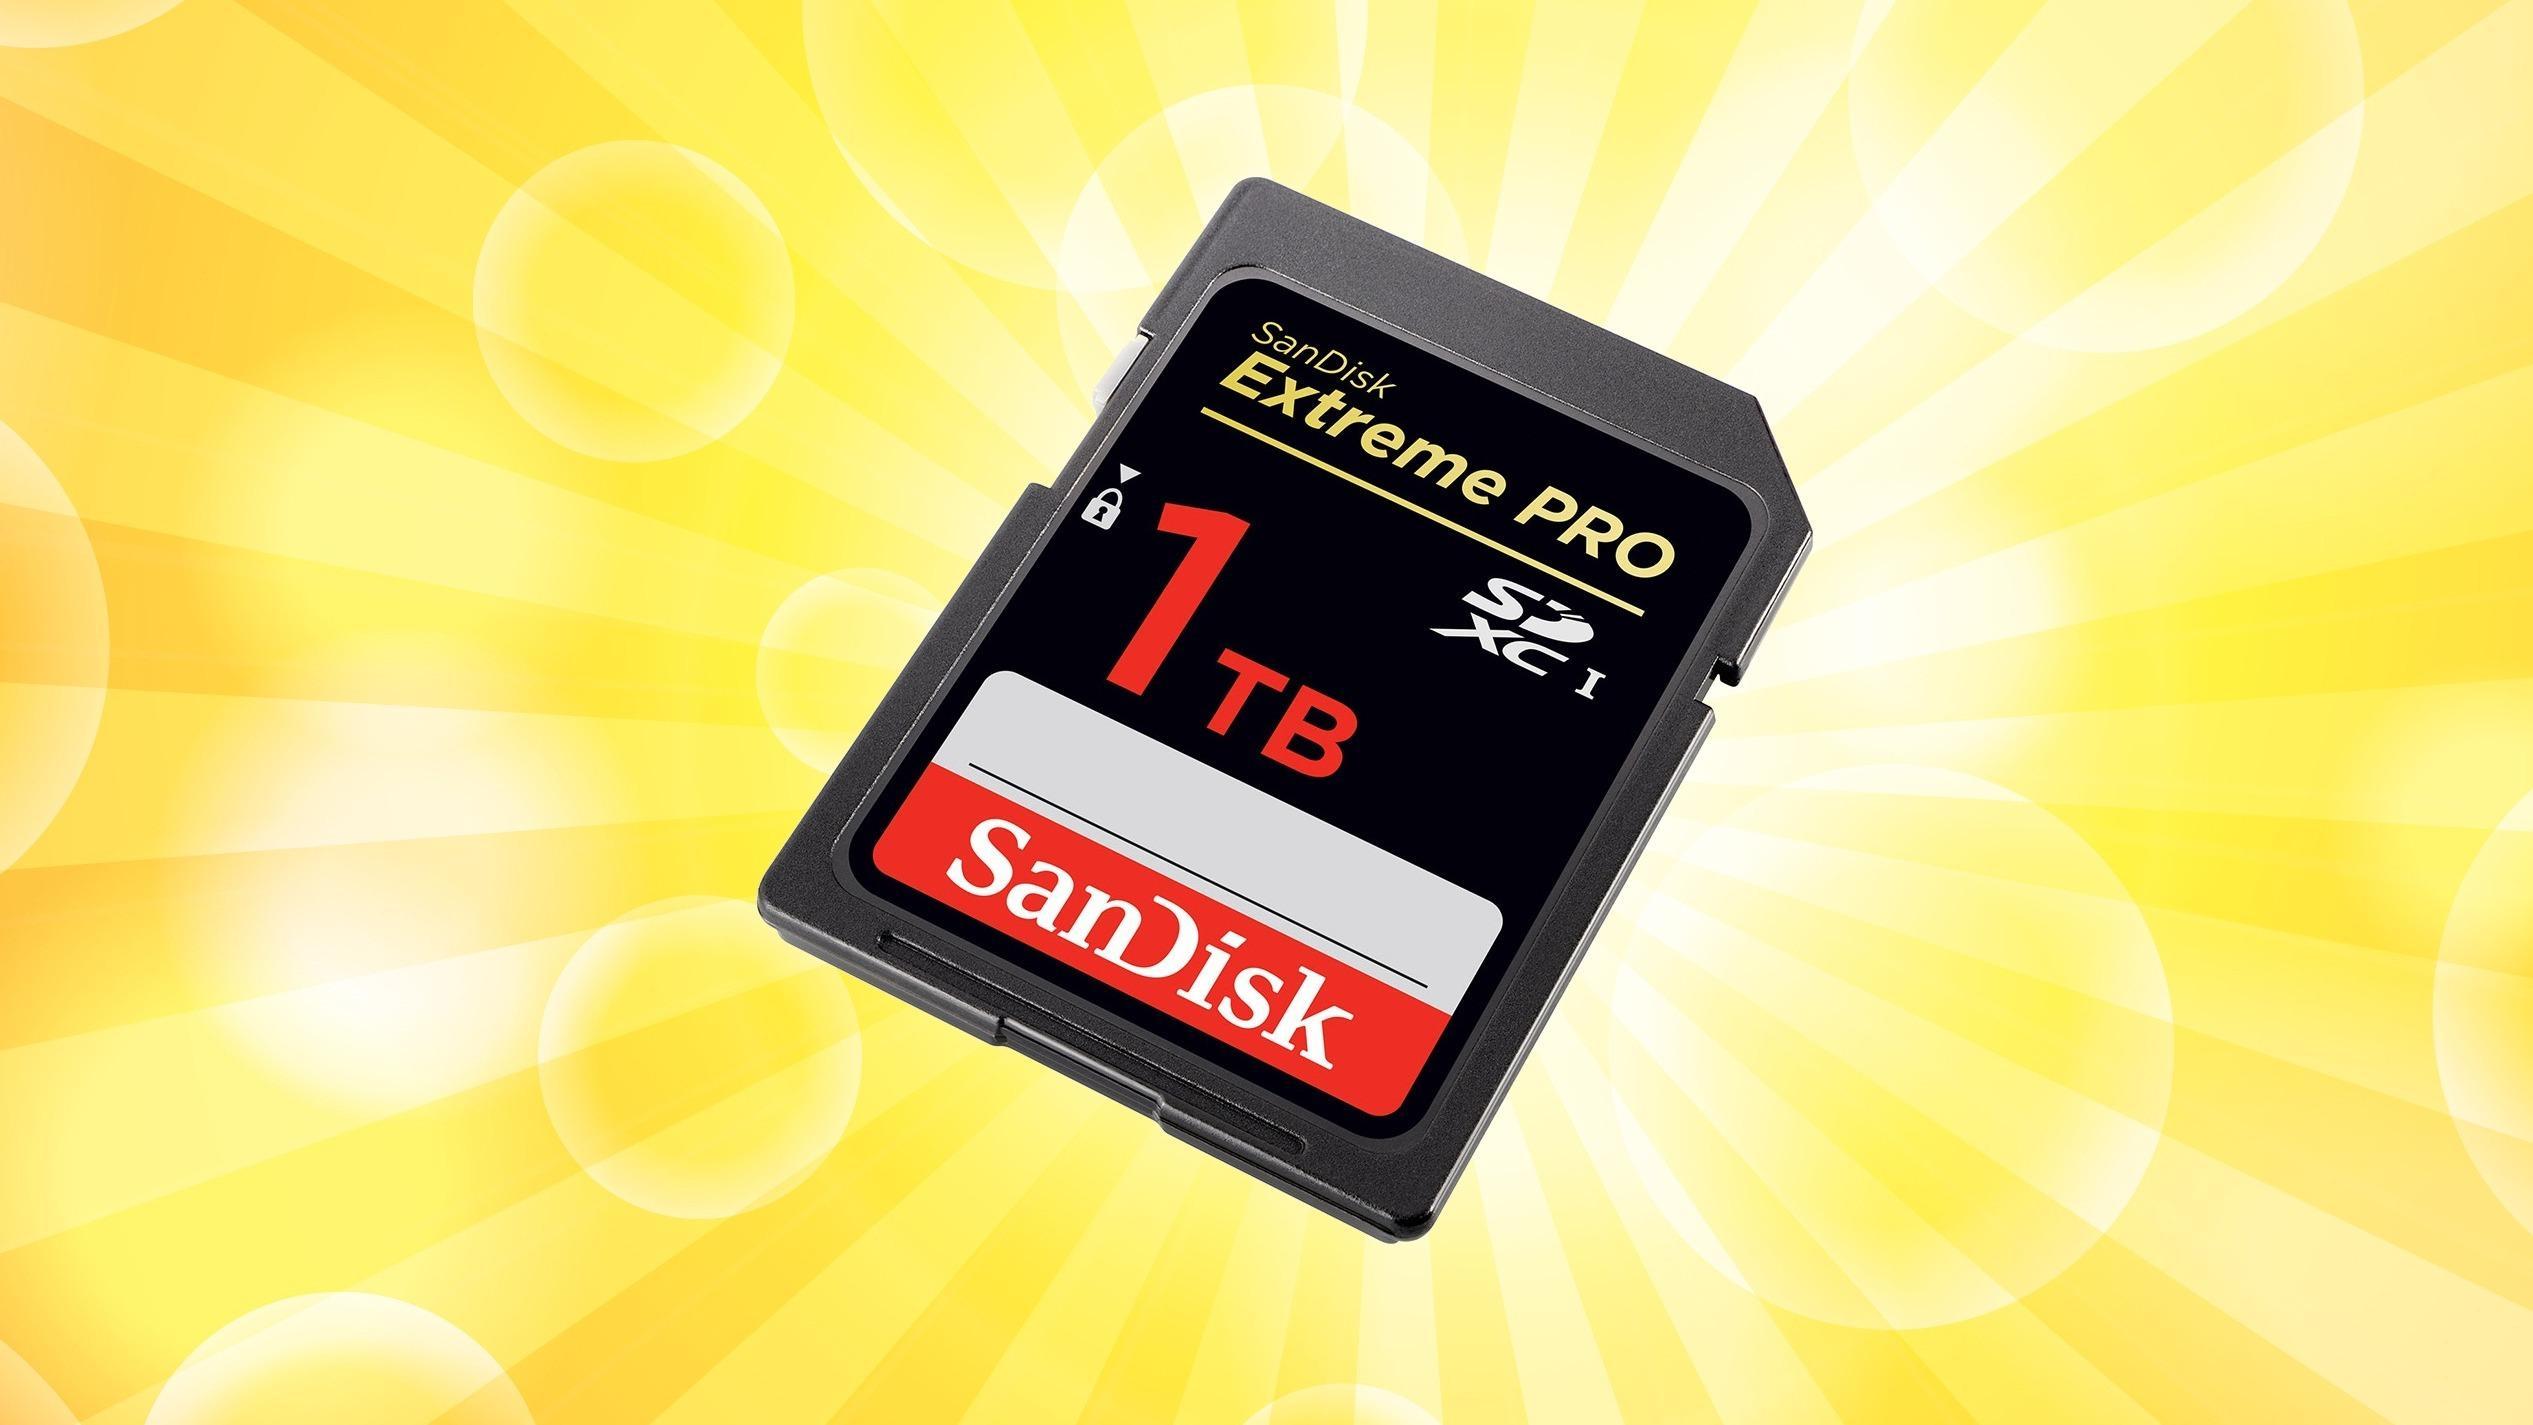 Nå har SanDisk avduket et minnekort på én terabyte